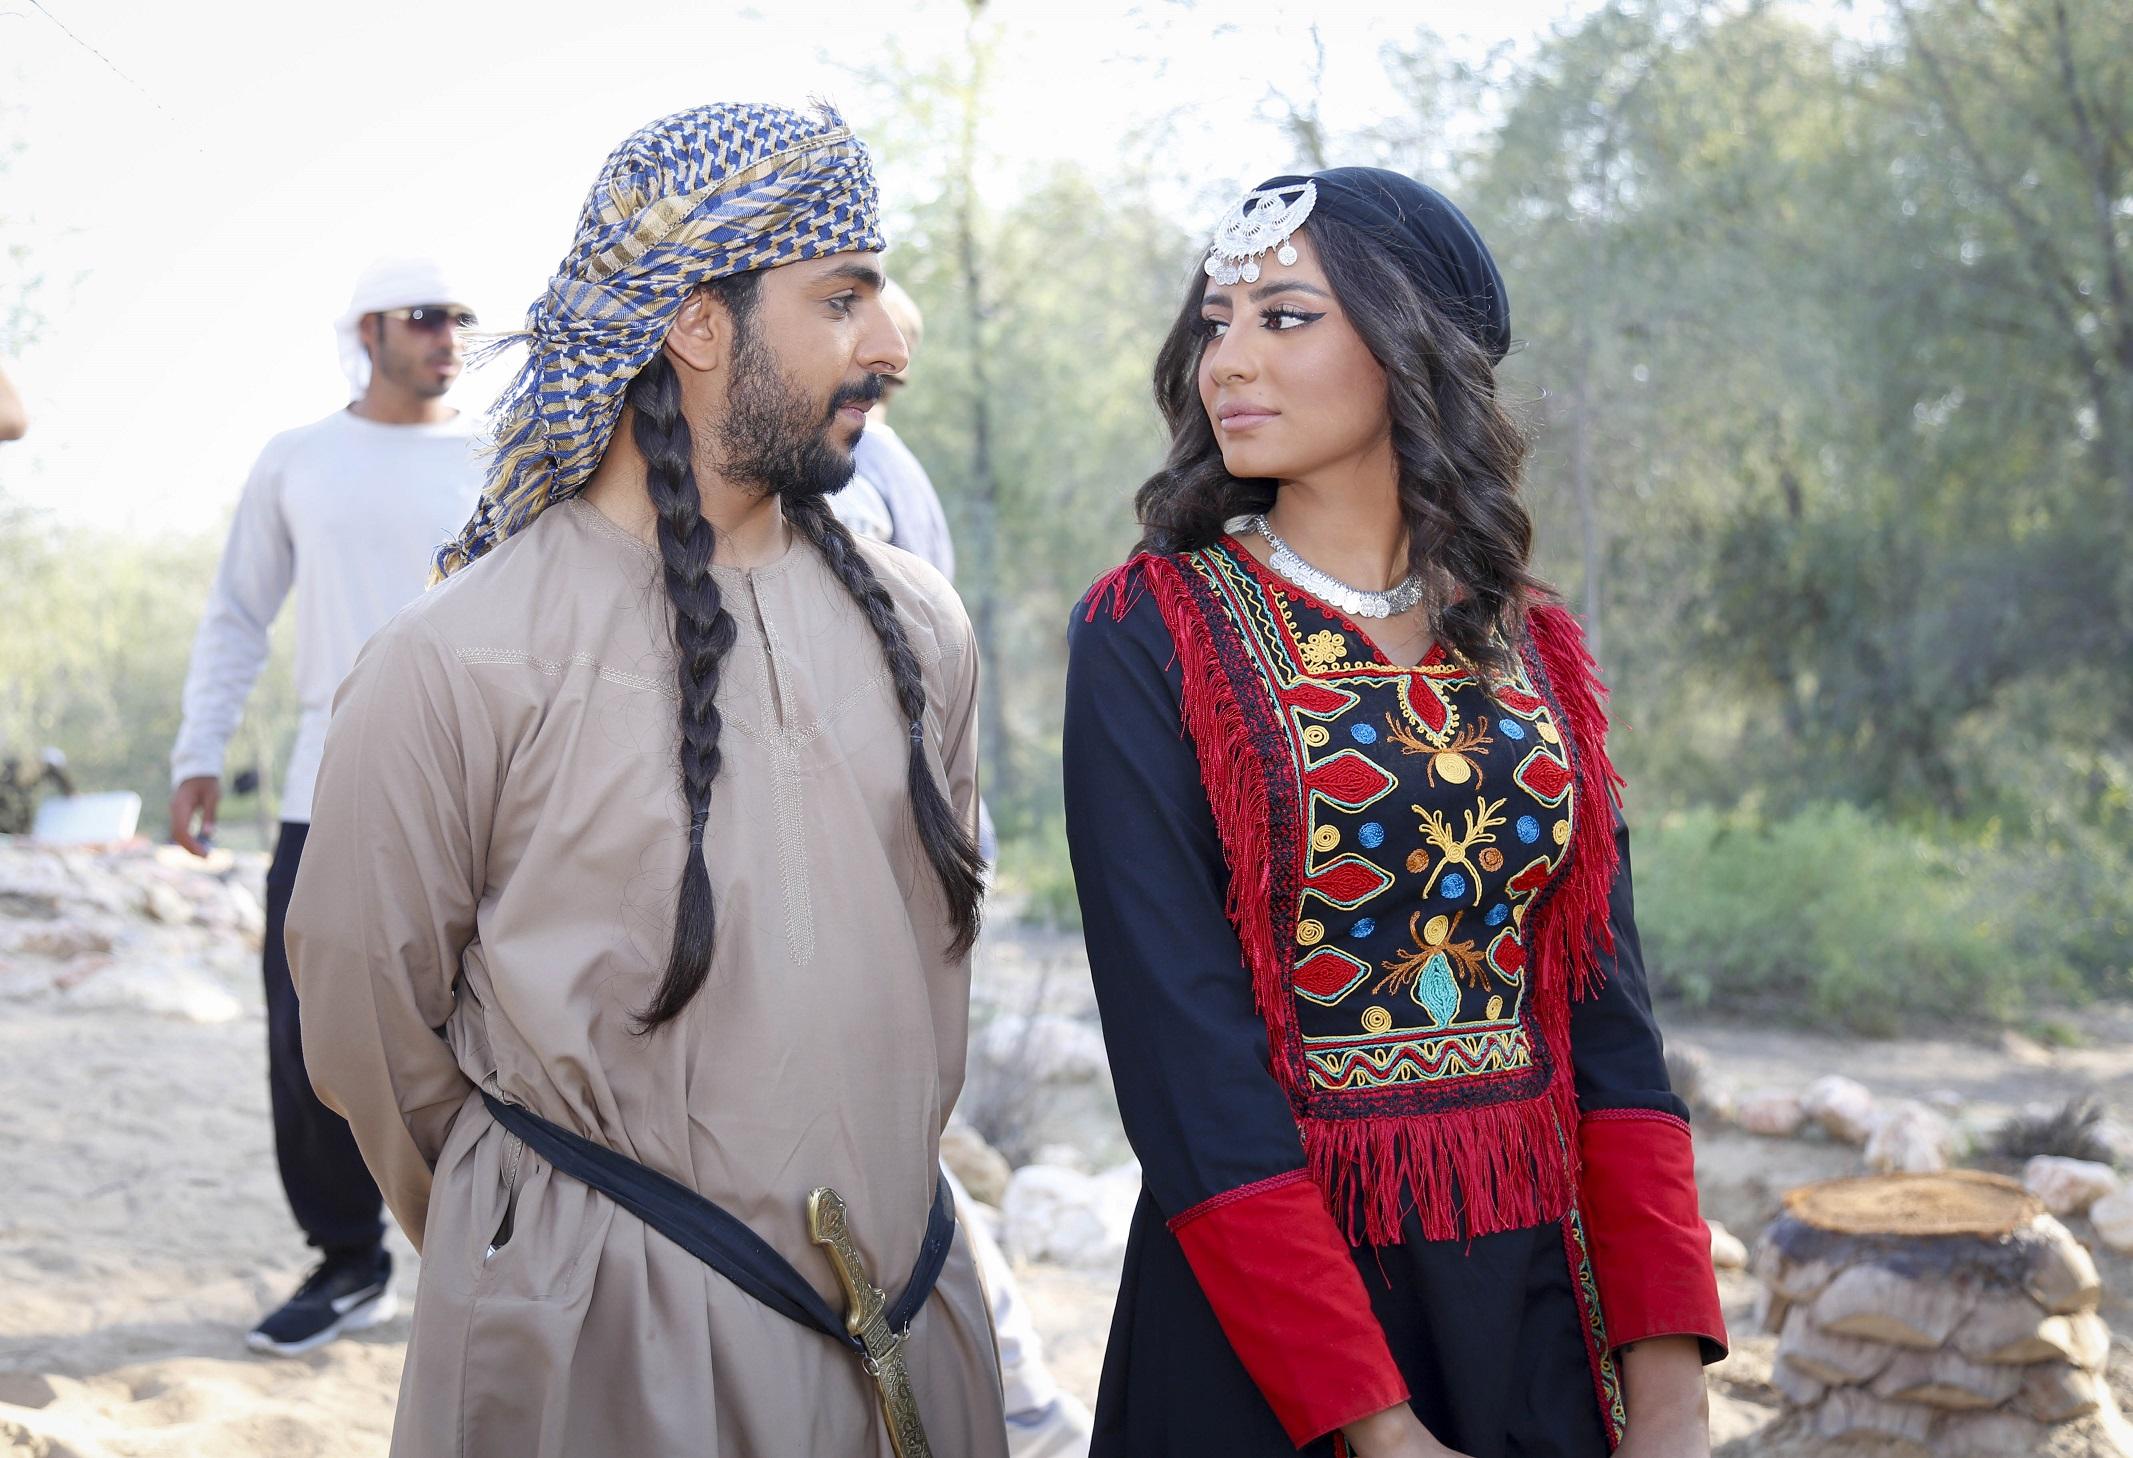 صورة بالامارات انتهاء عمليات تصوير الفيلم الكوميدي البدوي .. اهرب ياخلفان